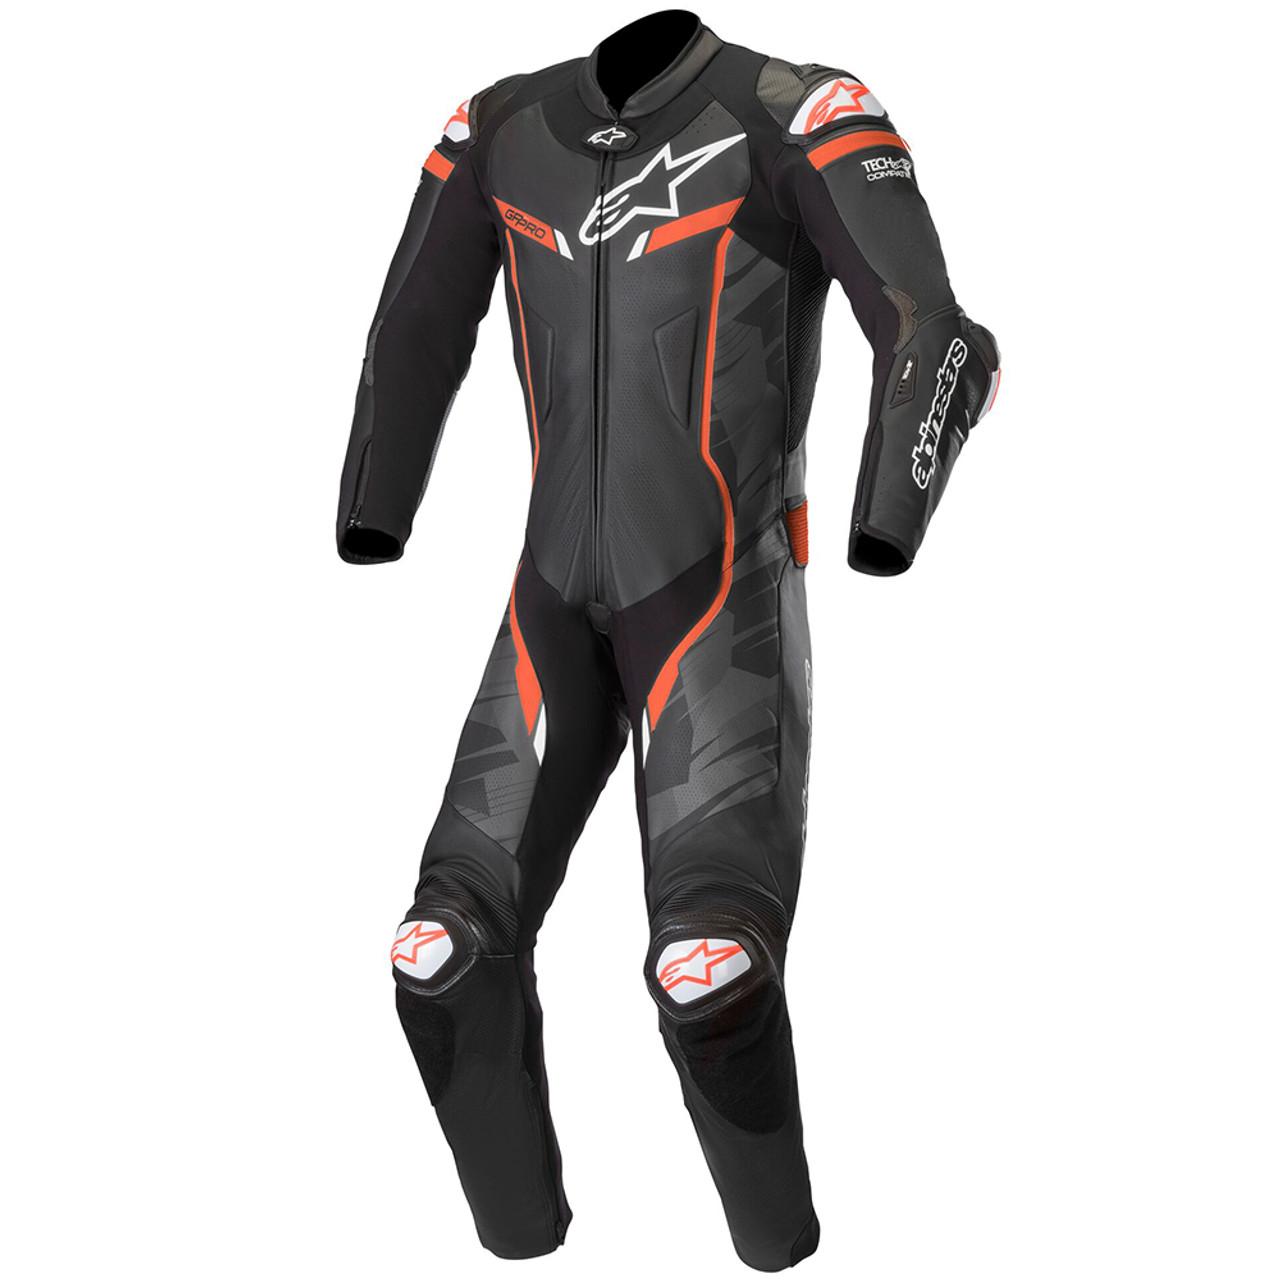 926b30626cb3f Alpinestars GP Pro V2 Leather Race Suit Tech-Air Race Compatible Black/Camo/